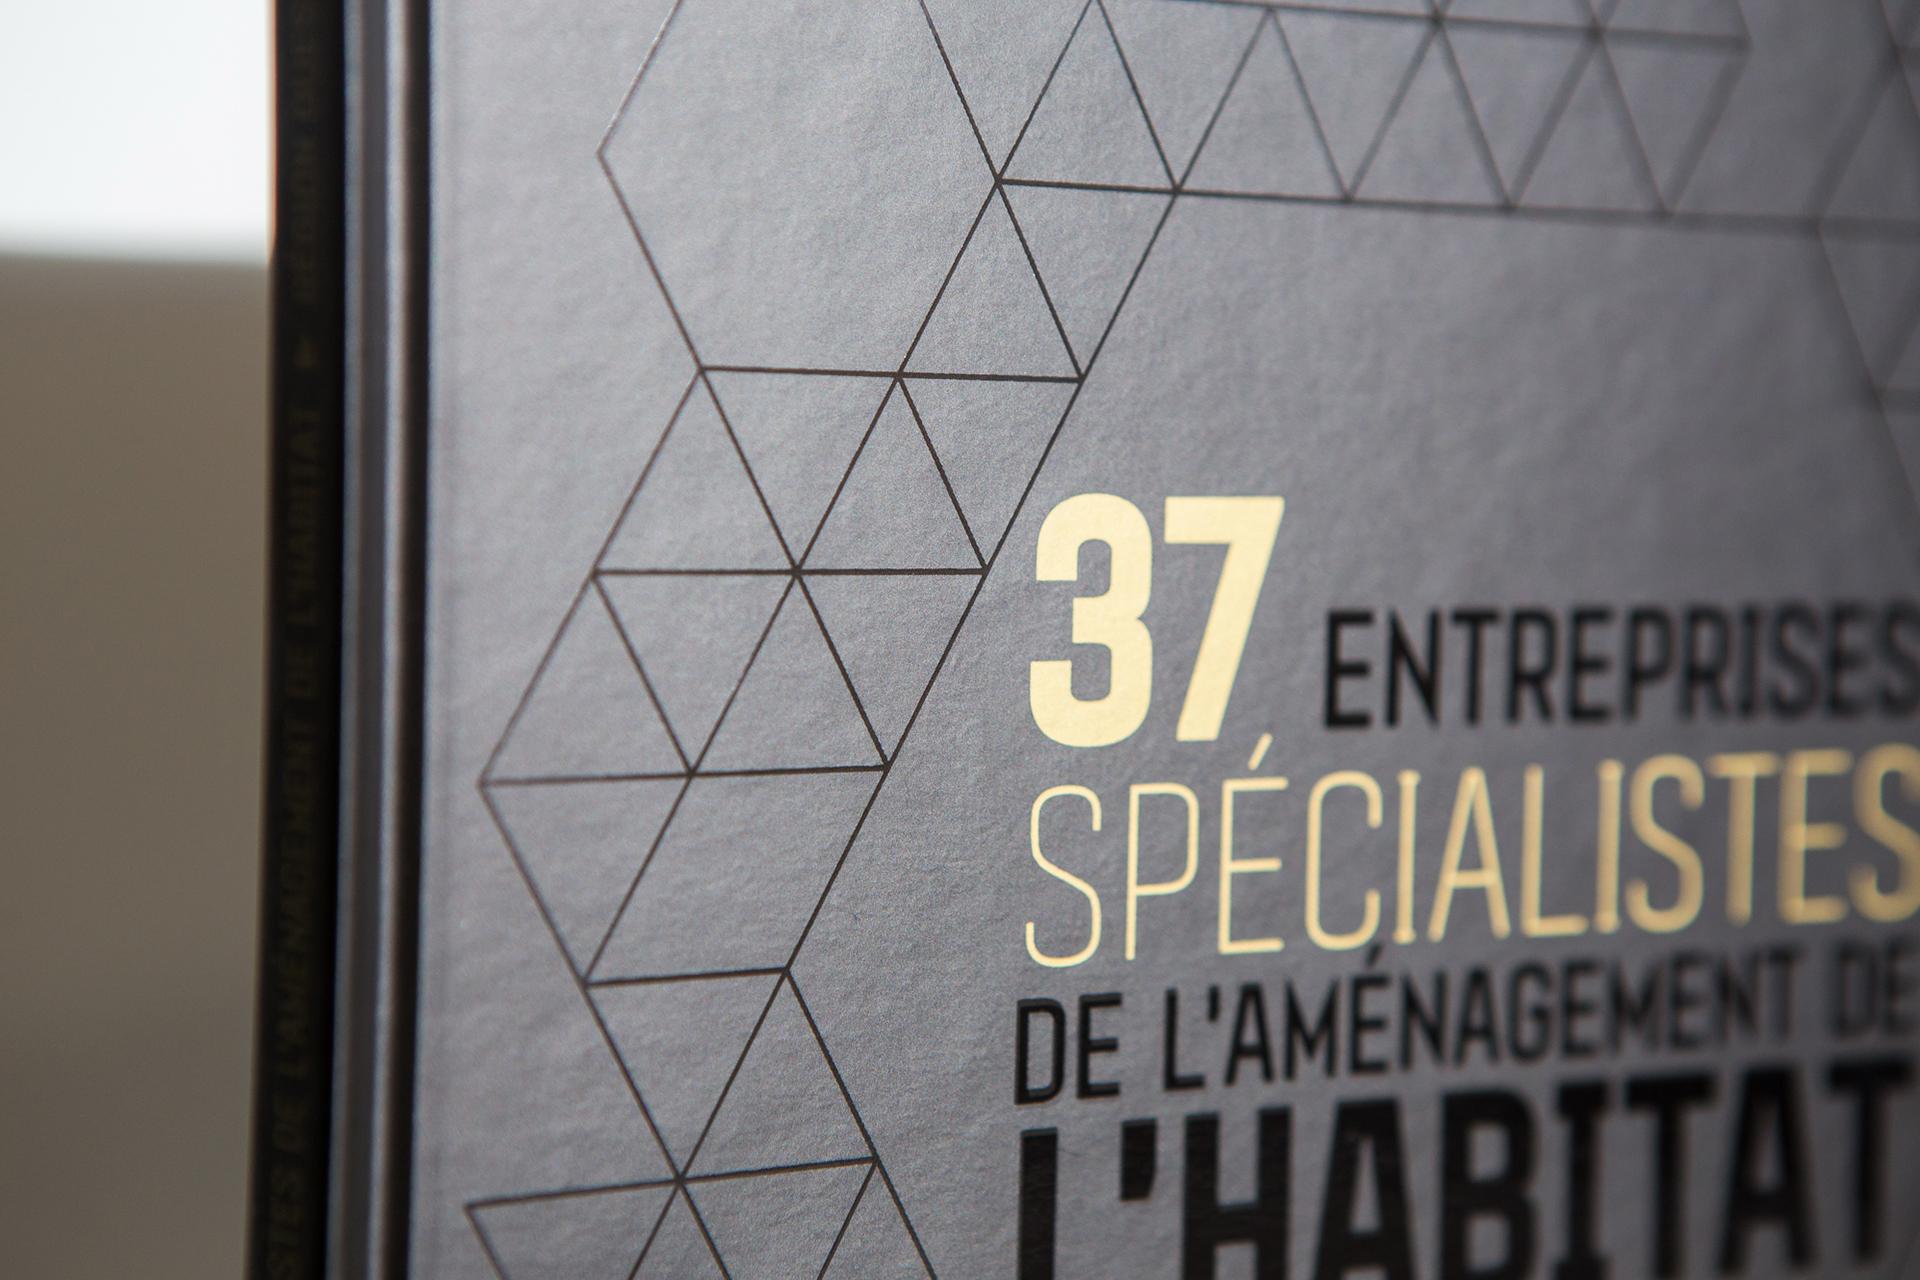 37 ENTREPRISES SPÉCIALISTES DE L'AMÉNAGEMENT DE L'HABITAT